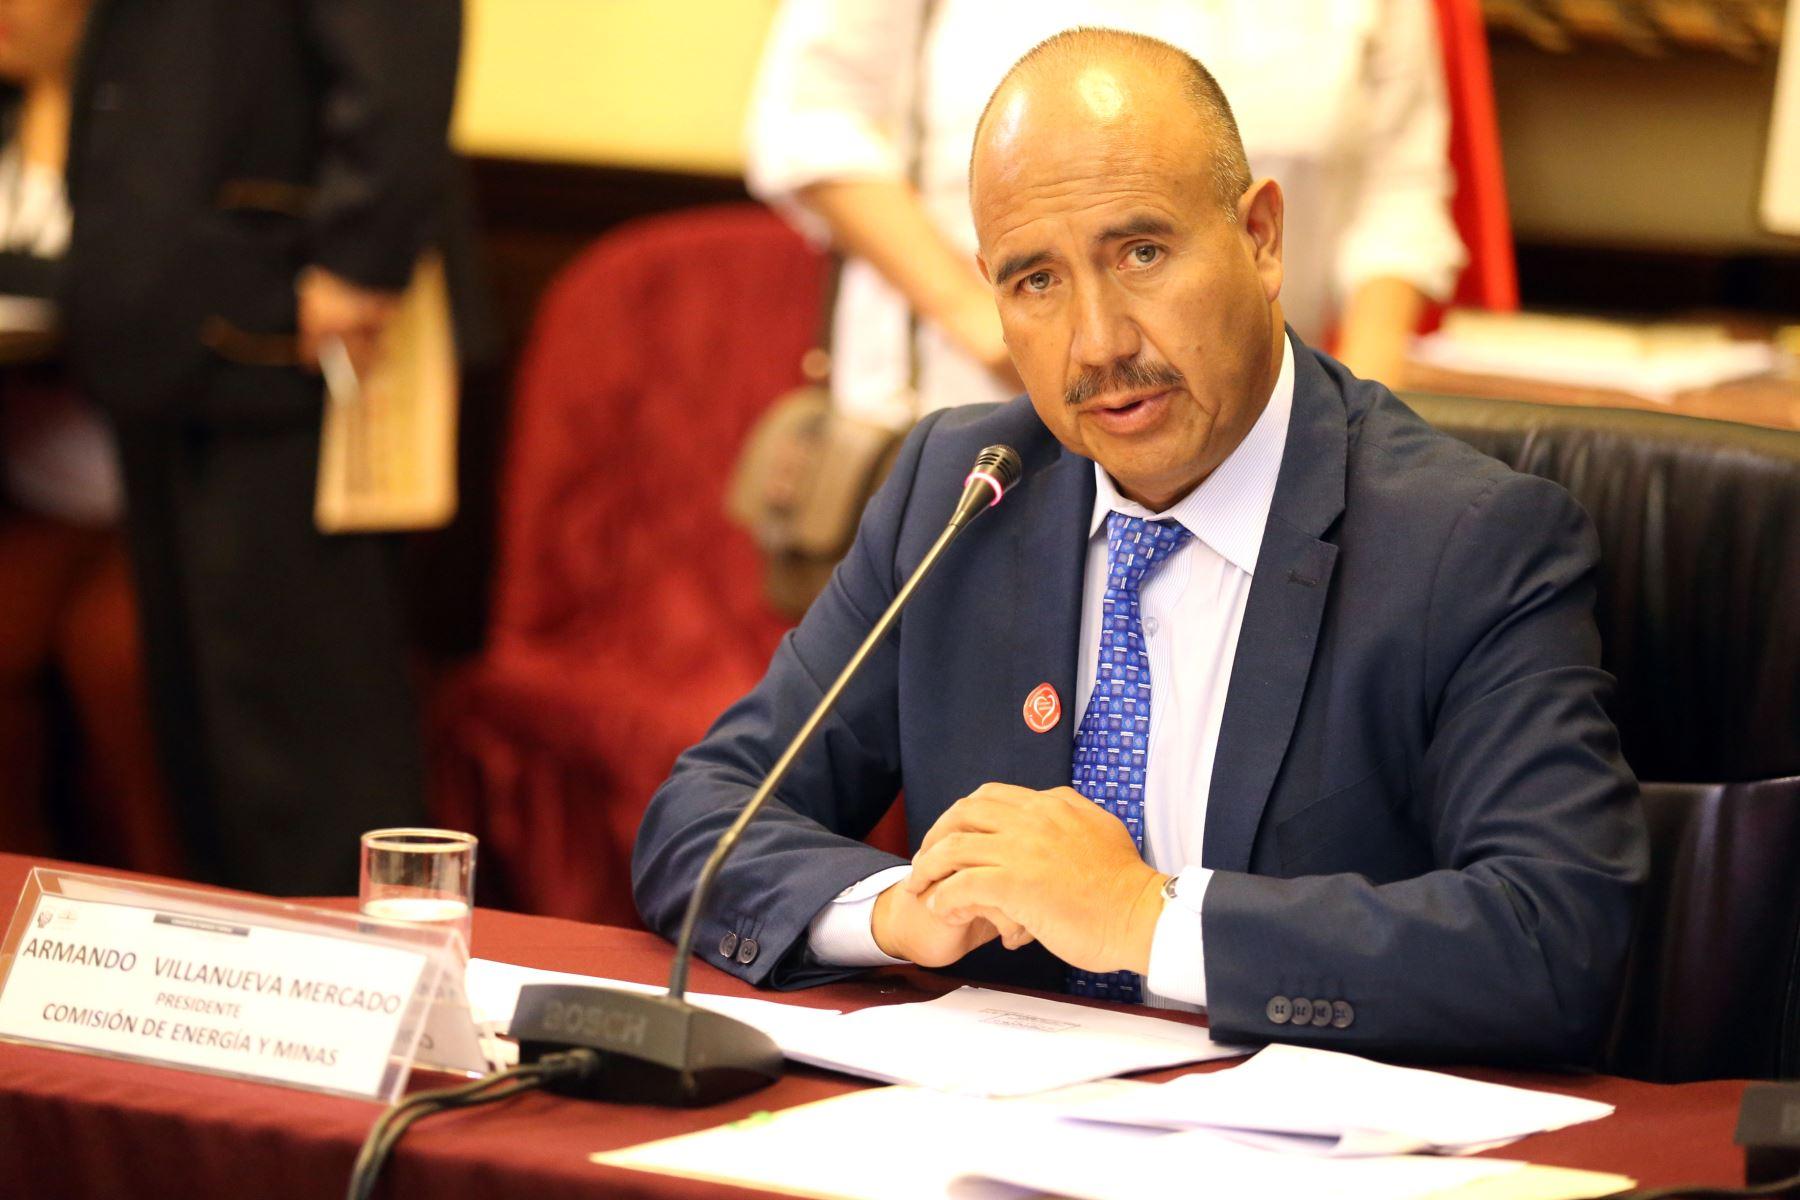 Cláusula Anticorrupción Se Debe Aplicar A Contratos Con El Estado